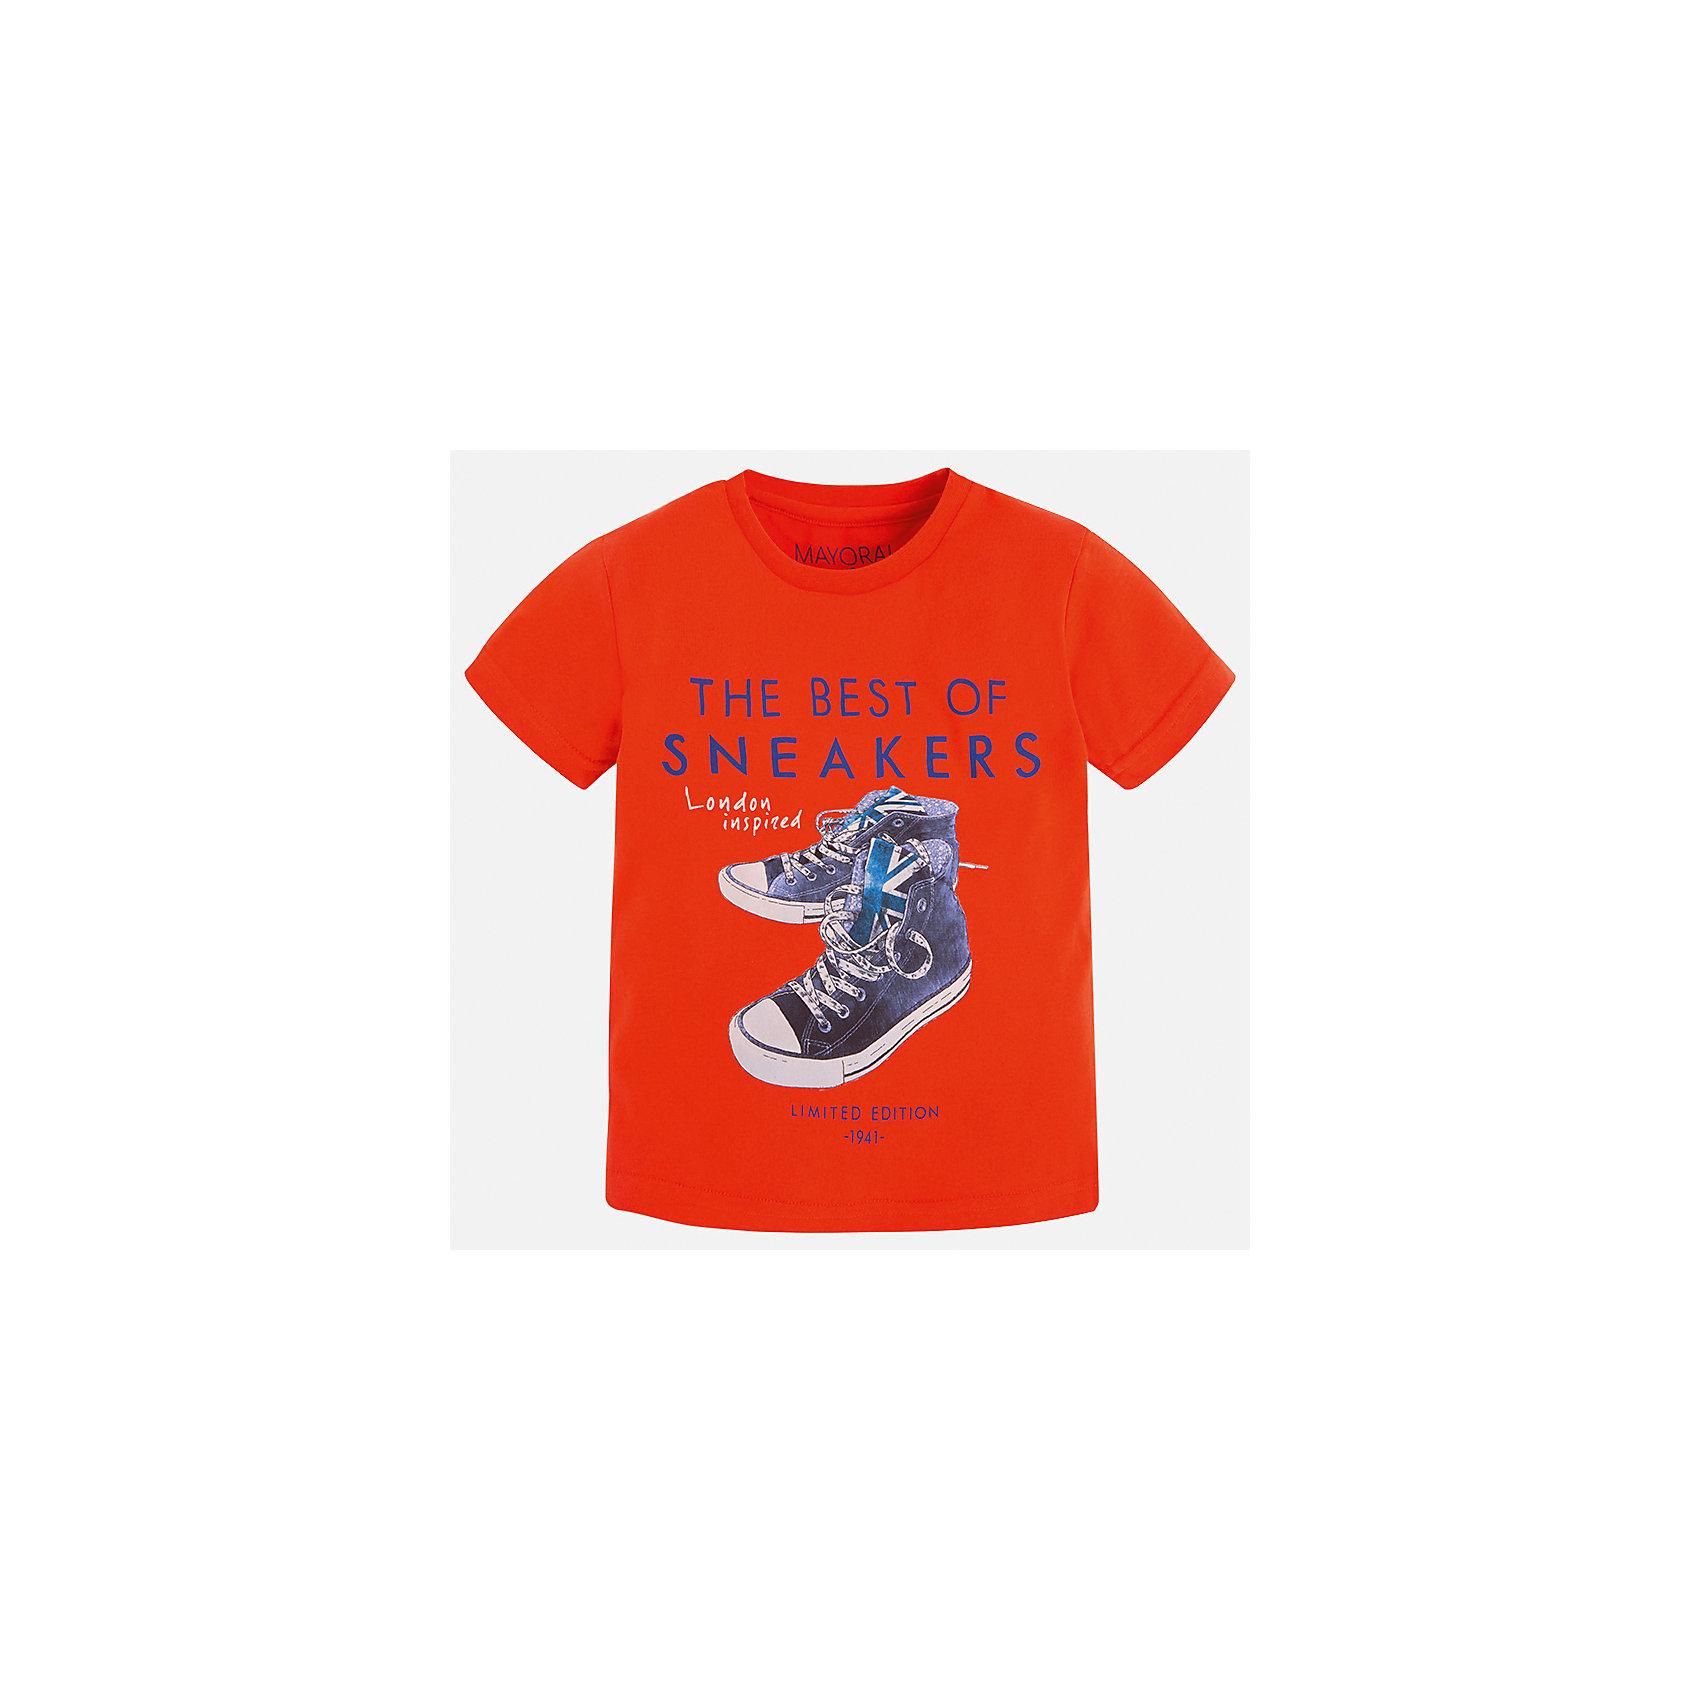 Футболка для мальчика MayoralФутболки, поло и топы<br>Характеристики товара:<br><br>• цвет: красный<br>• состав: 100% хлопок<br>• круглый горловой вырез<br>• принт впереди<br>• короткие рукава<br>• отделка горловины<br>• страна бренда: Испания<br><br>Модная удобная футболка с принтом поможет разнообразить гардероб мальчика. Она отлично сочетается с брюками, шортами, джинсами и т.д. Универсальный крой и цвет позволяет подобрать к вещи низ разных расцветок. Практичное и стильное изделие! В составе материала - только натуральный хлопок, гипоаллергенный, приятный на ощупь, дышащий.<br><br>Одежда, обувь и аксессуары от испанского бренда Mayoral полюбились детям и взрослым по всему миру. Модели этой марки - стильные и удобные. Для их производства используются только безопасные, качественные материалы и фурнитура. Порадуйте ребенка модными и красивыми вещами от Mayoral! <br><br>Футболку для мальчика от испанского бренда Mayoral (Майорал) можно купить в нашем интернет-магазине.<br><br>Ширина мм: 199<br>Глубина мм: 10<br>Высота мм: 161<br>Вес г: 151<br>Цвет: красный<br>Возраст от месяцев: 84<br>Возраст до месяцев: 96<br>Пол: Мужской<br>Возраст: Детский<br>Размер: 128,134,110,104,92,122,116,98<br>SKU: 5279827